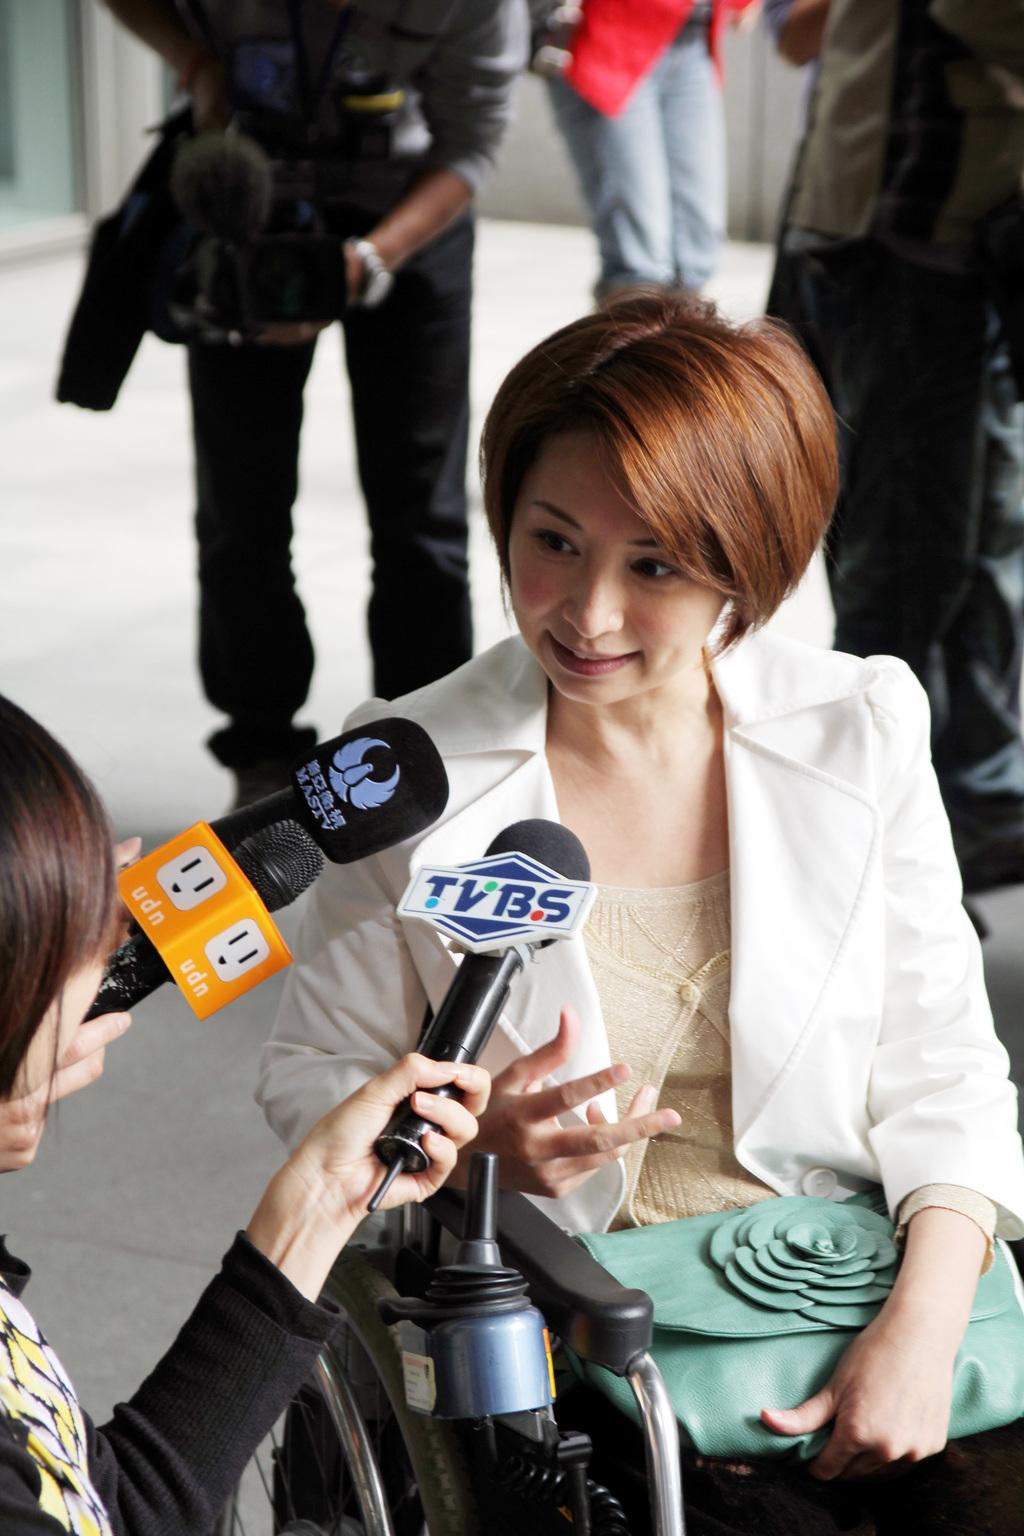 「罕病天使」楊玉欣可望列入中國國民黨不分區立委名單,16日到新北市府洽公時接受媒體採訪,強調投身政治,是希望透過制度改革,為台灣弱勢病患爭